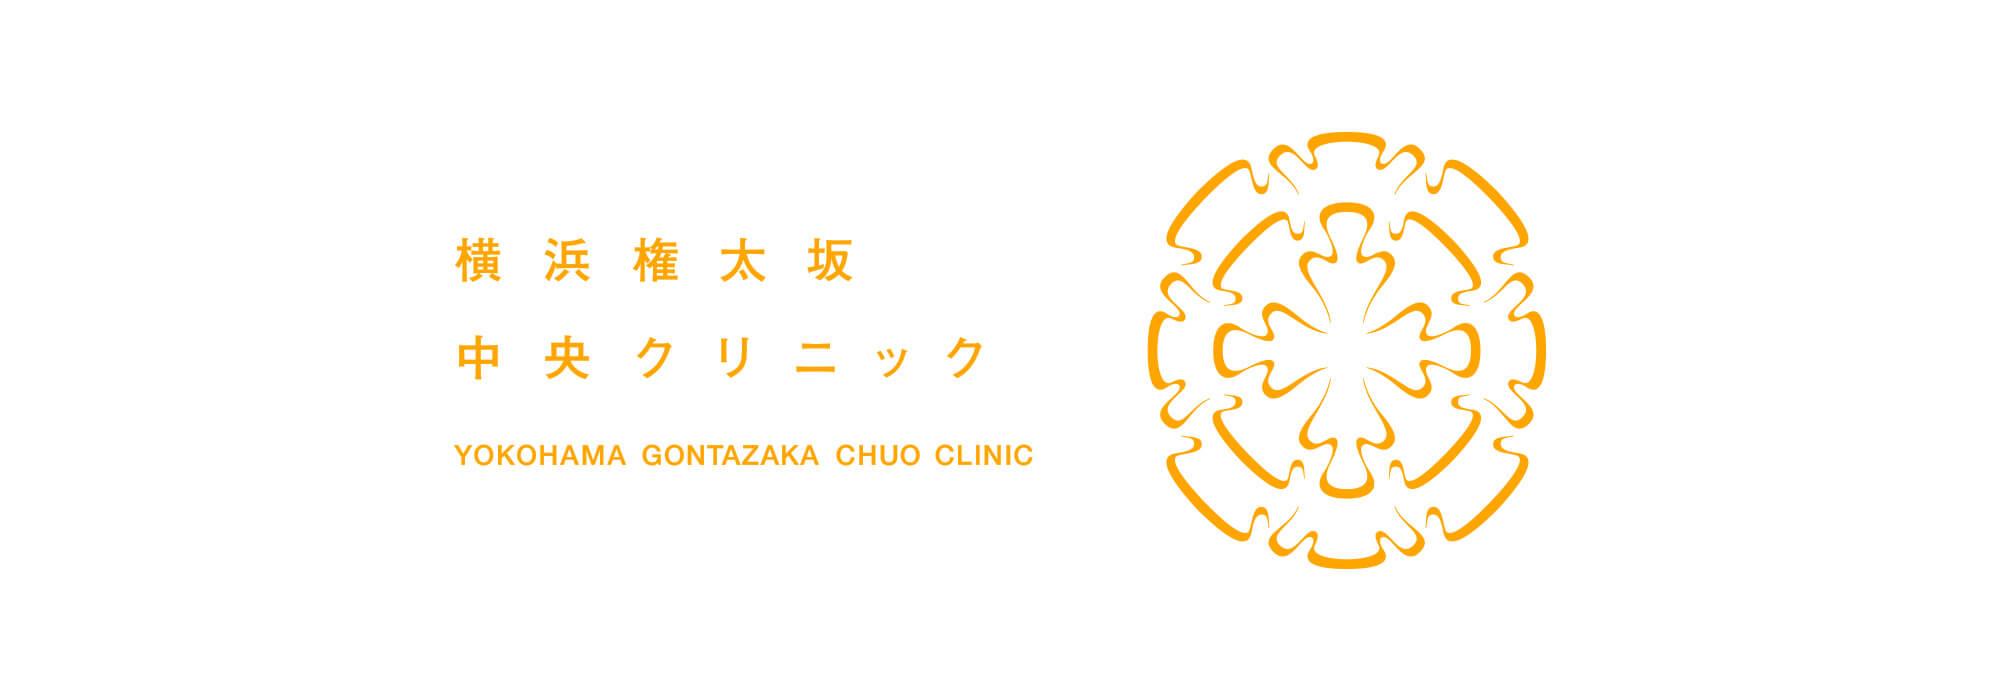 横浜権太坂中央クリニック